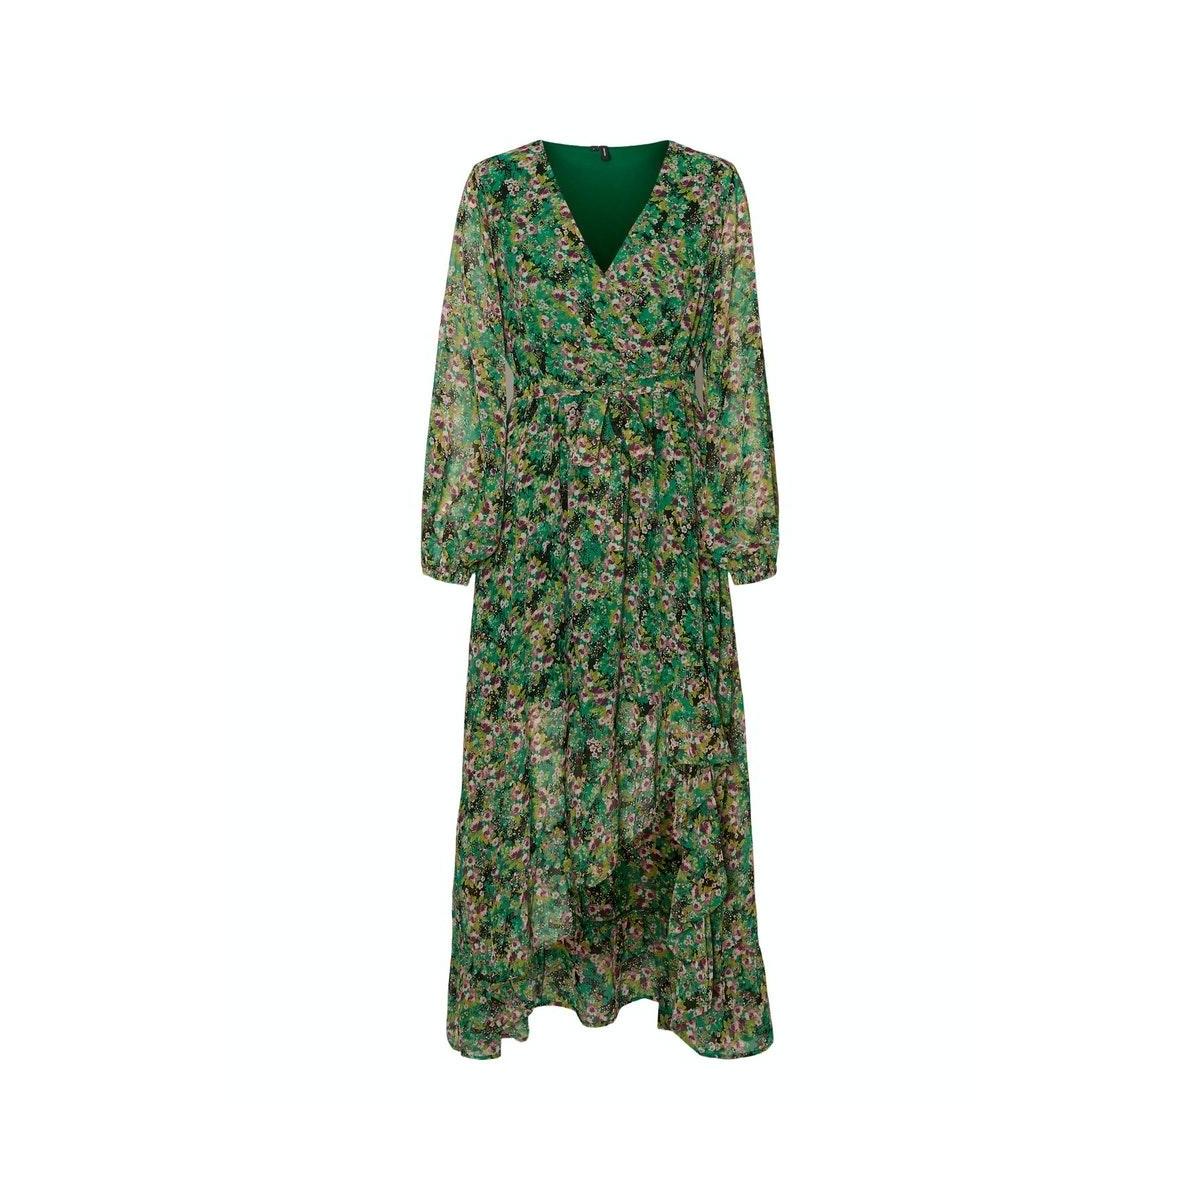 vmanneline l/s frill ancle dress sb 10233866 vero moda jurk black/anneline